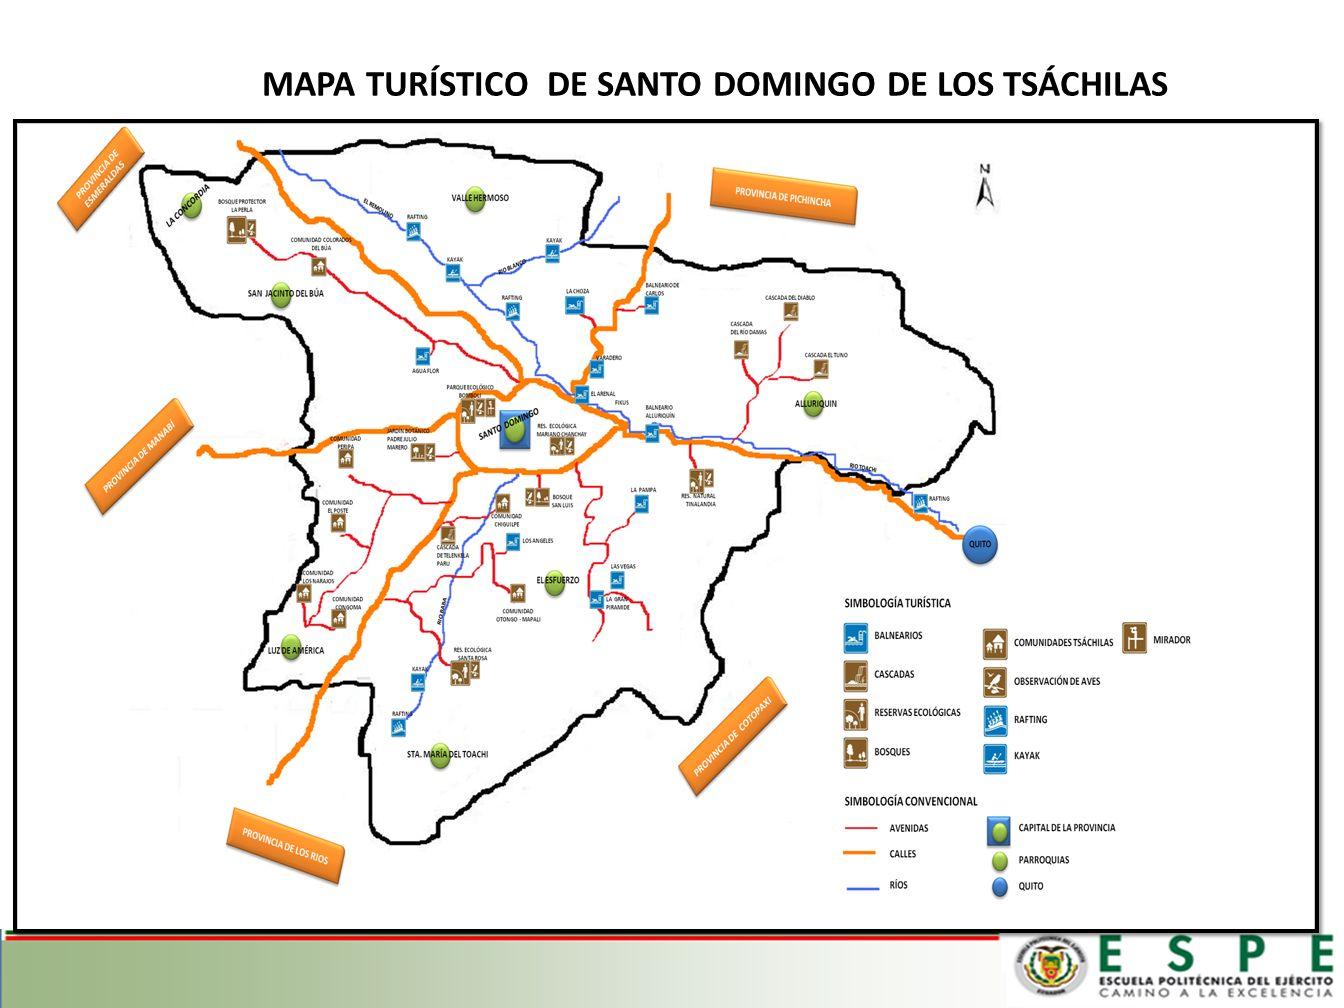 MAPA TURÍSTICO DE SANTO DOMINGO DE LOS TSÁCHILAS